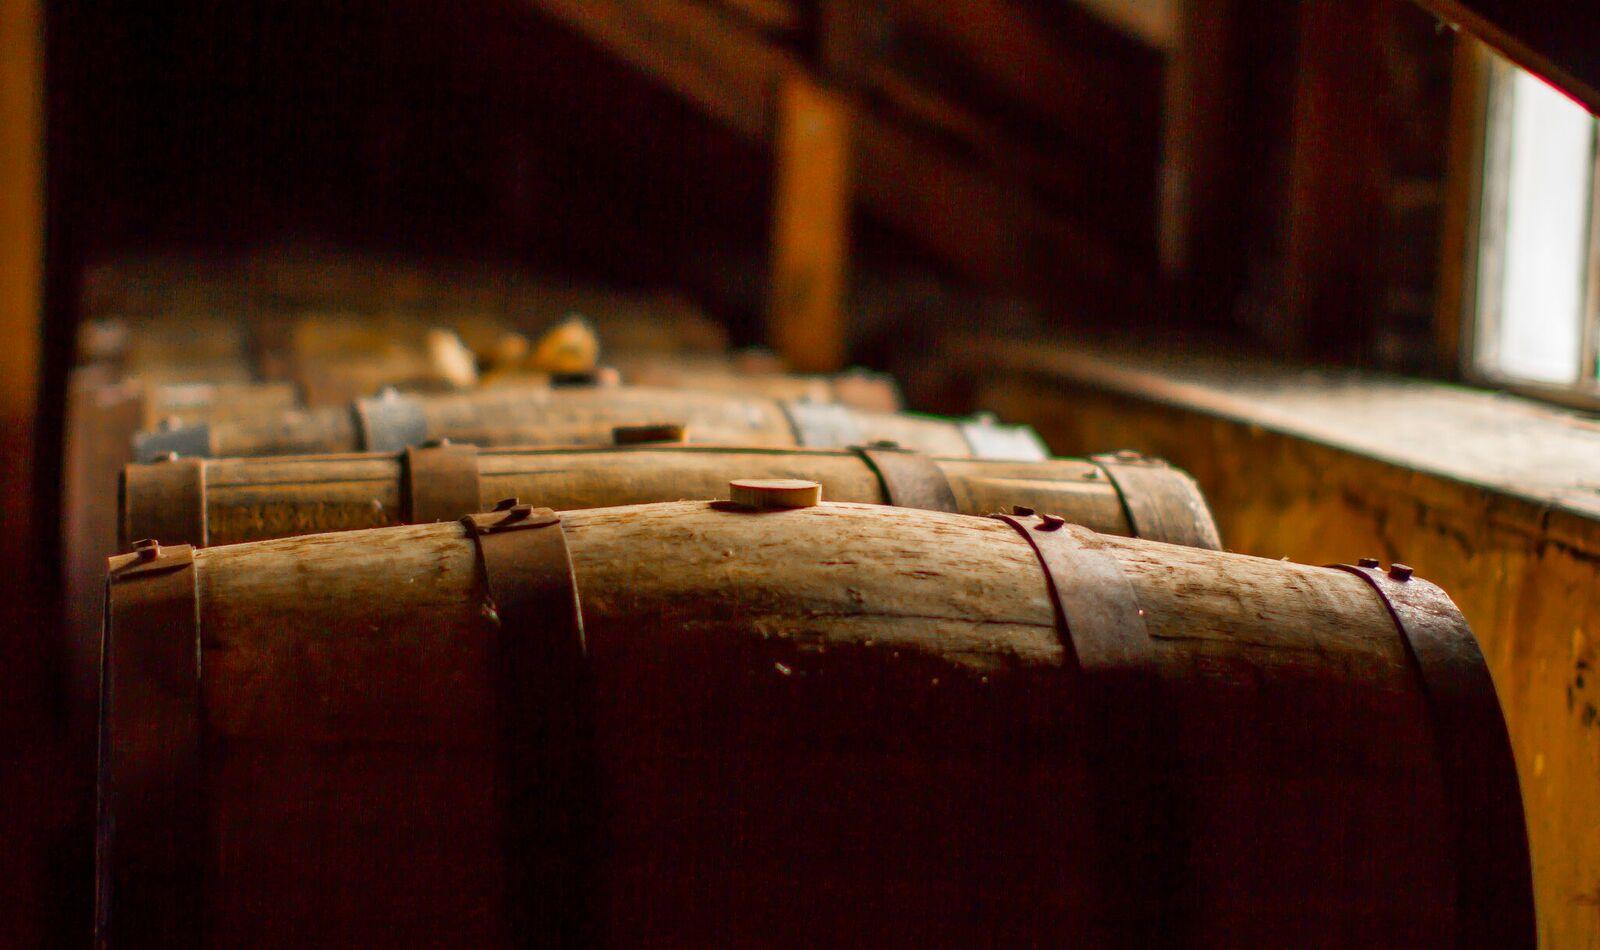 Nant Barrels